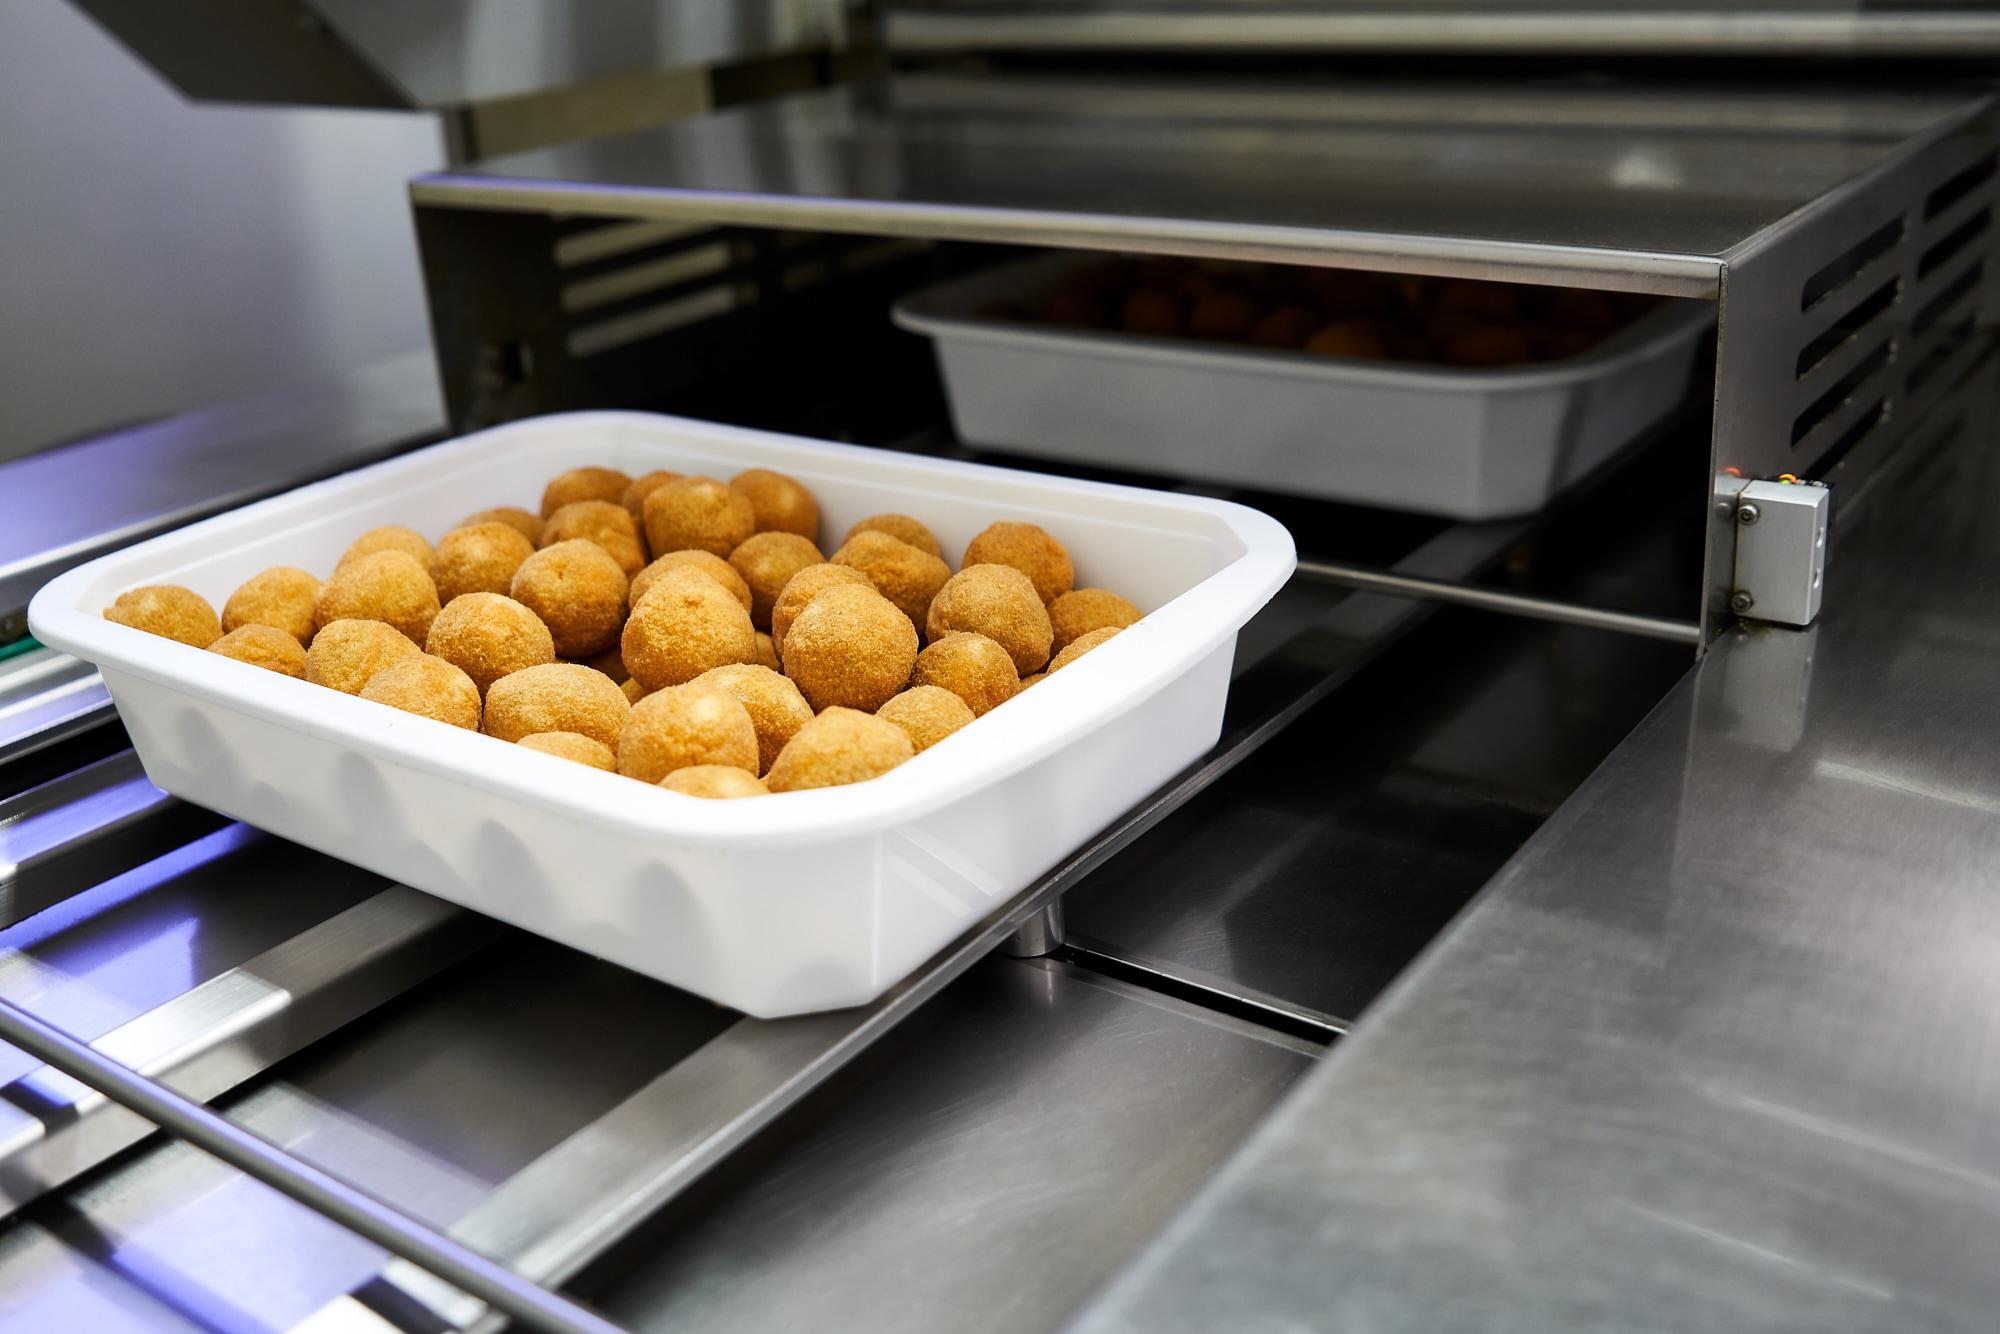 Produzione crocchette La Gastronomica Padova